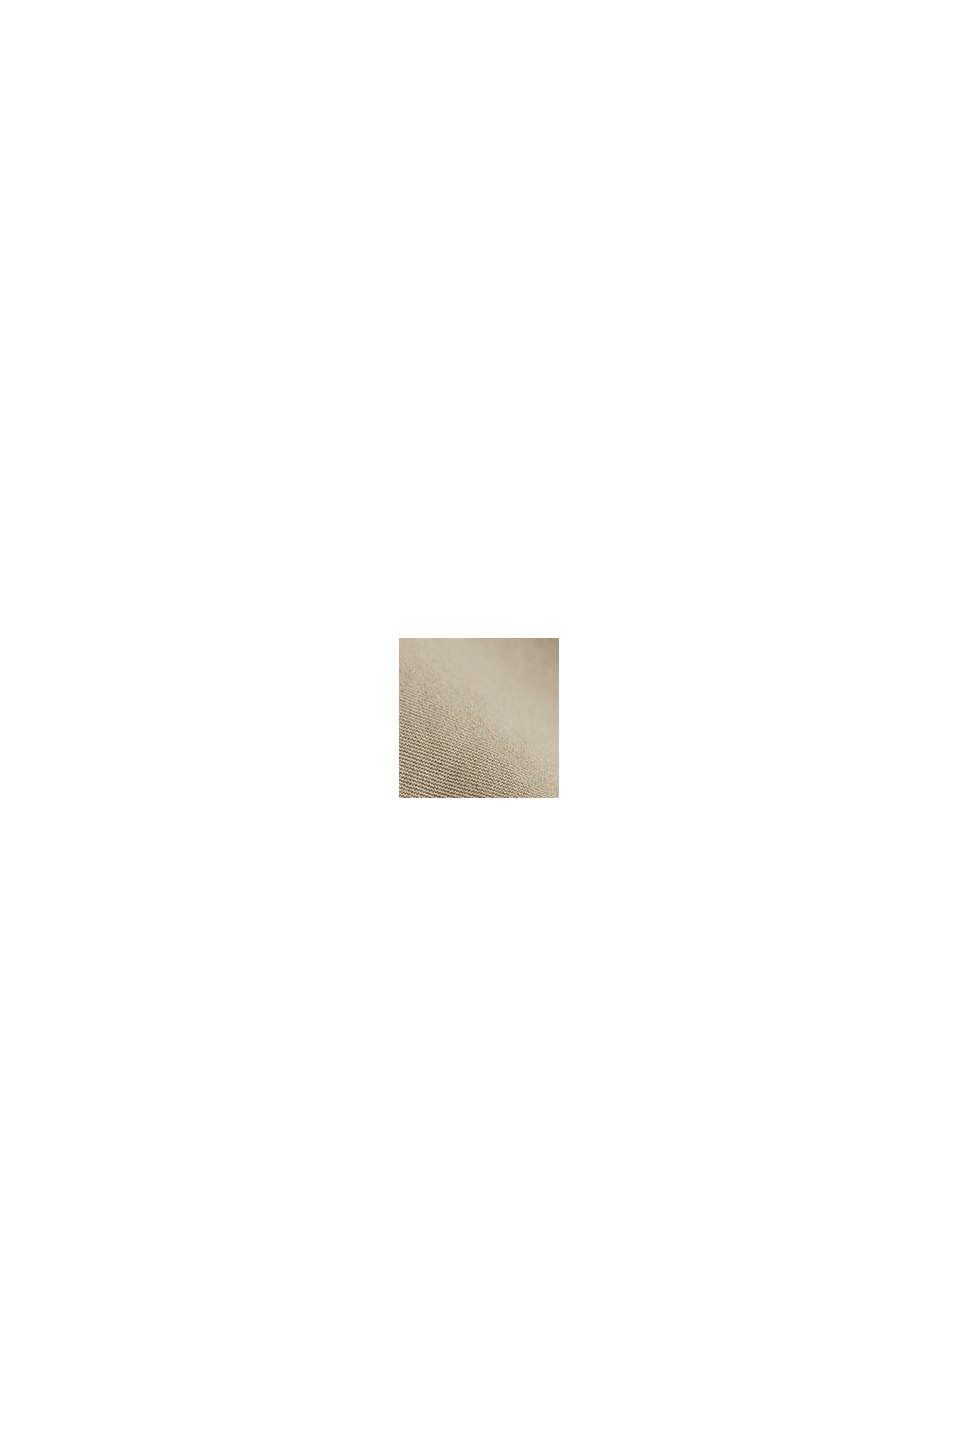 Bermudas av 100% bomull, LIGHT BEIGE, swatch